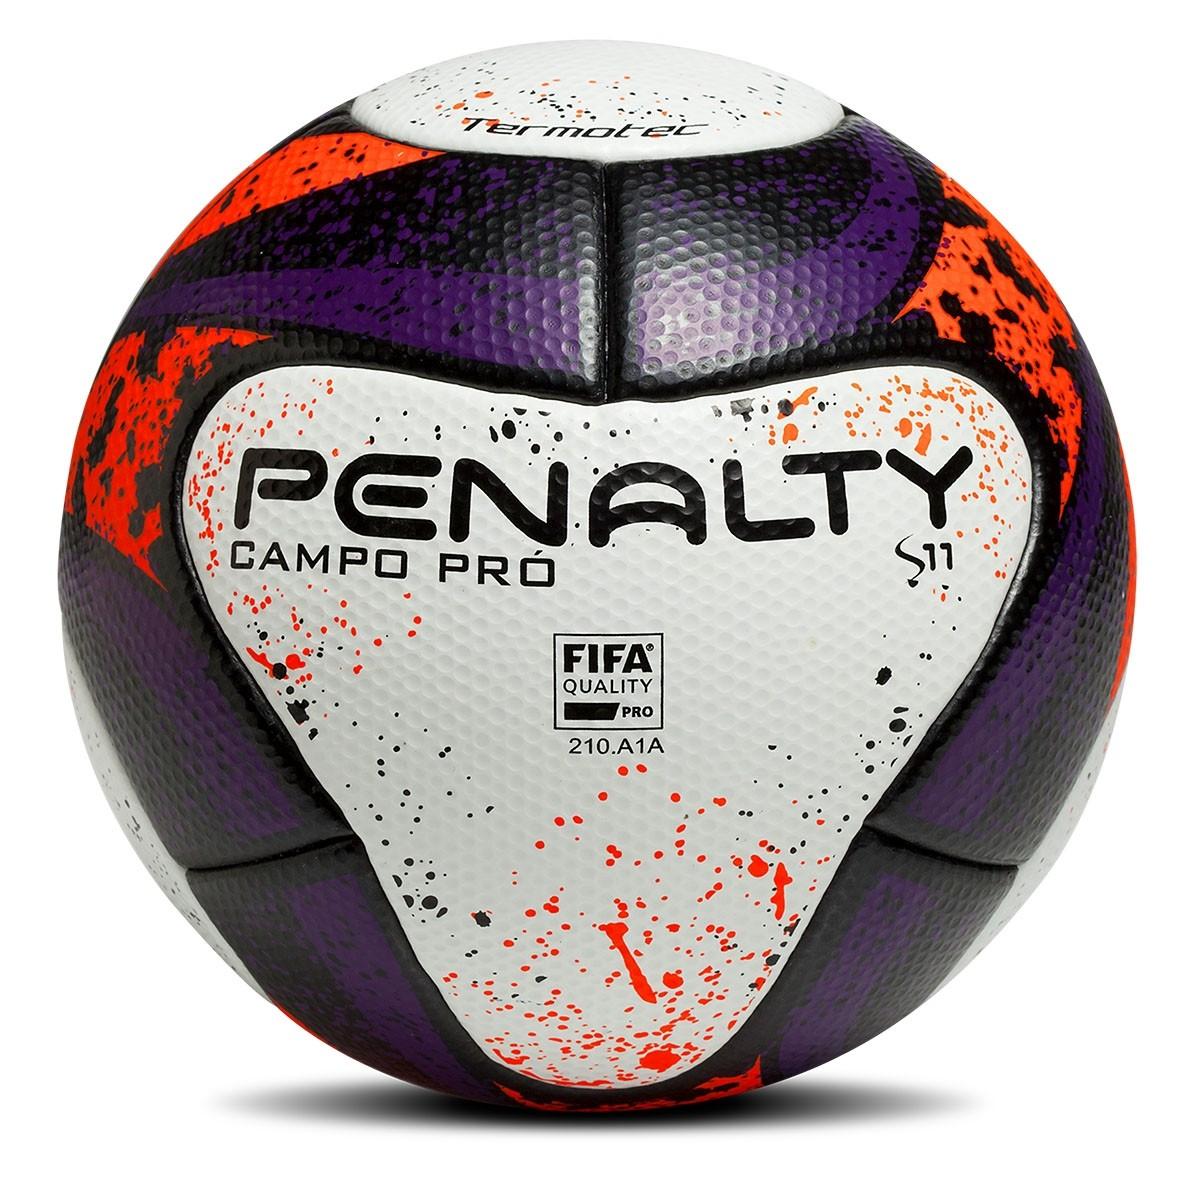 Bola Penalty Campo Gauchão 2017 S11 Pró 541430.1170 - Branco - Botas ... 56349f12ceac2